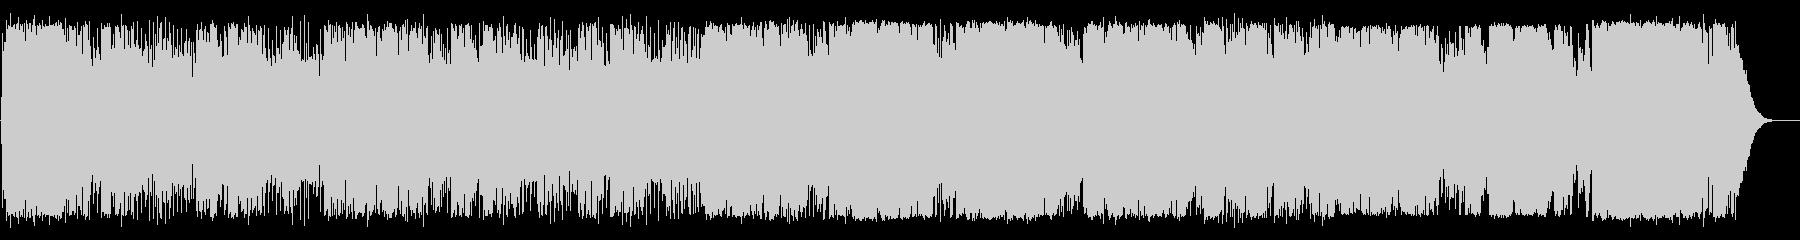 ギターとシンセが印象的なシティポップの未再生の波形